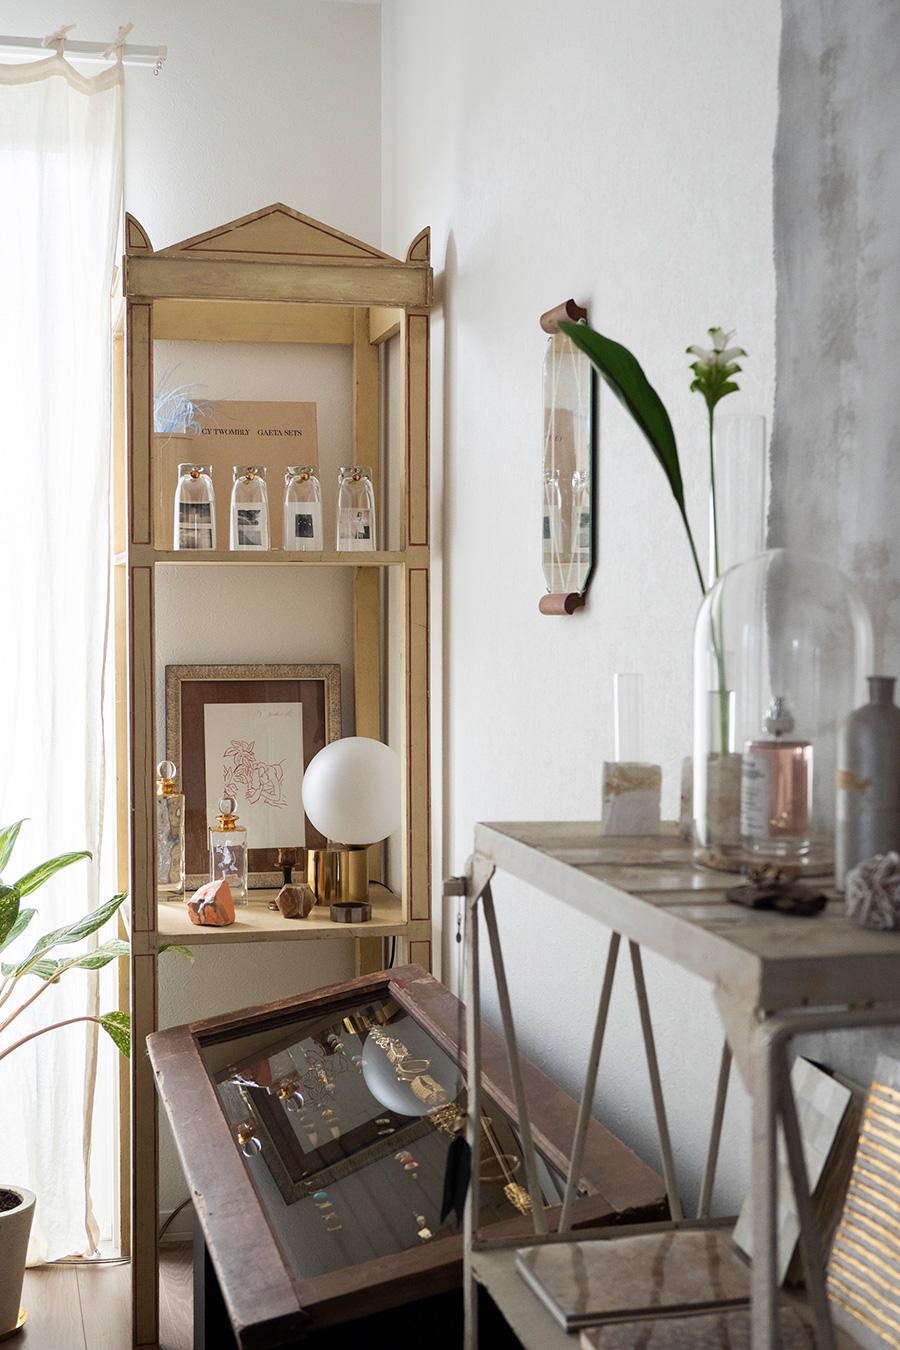 鉱石、ジュエリー、アンティークの雑貨など、お気に入りの雑貨を愛でるように飾ったコーナー。手前のシェルフの上には、ガラスドームに香水瓶をディスプレイ。壁にかけた鏡は古いトレー。